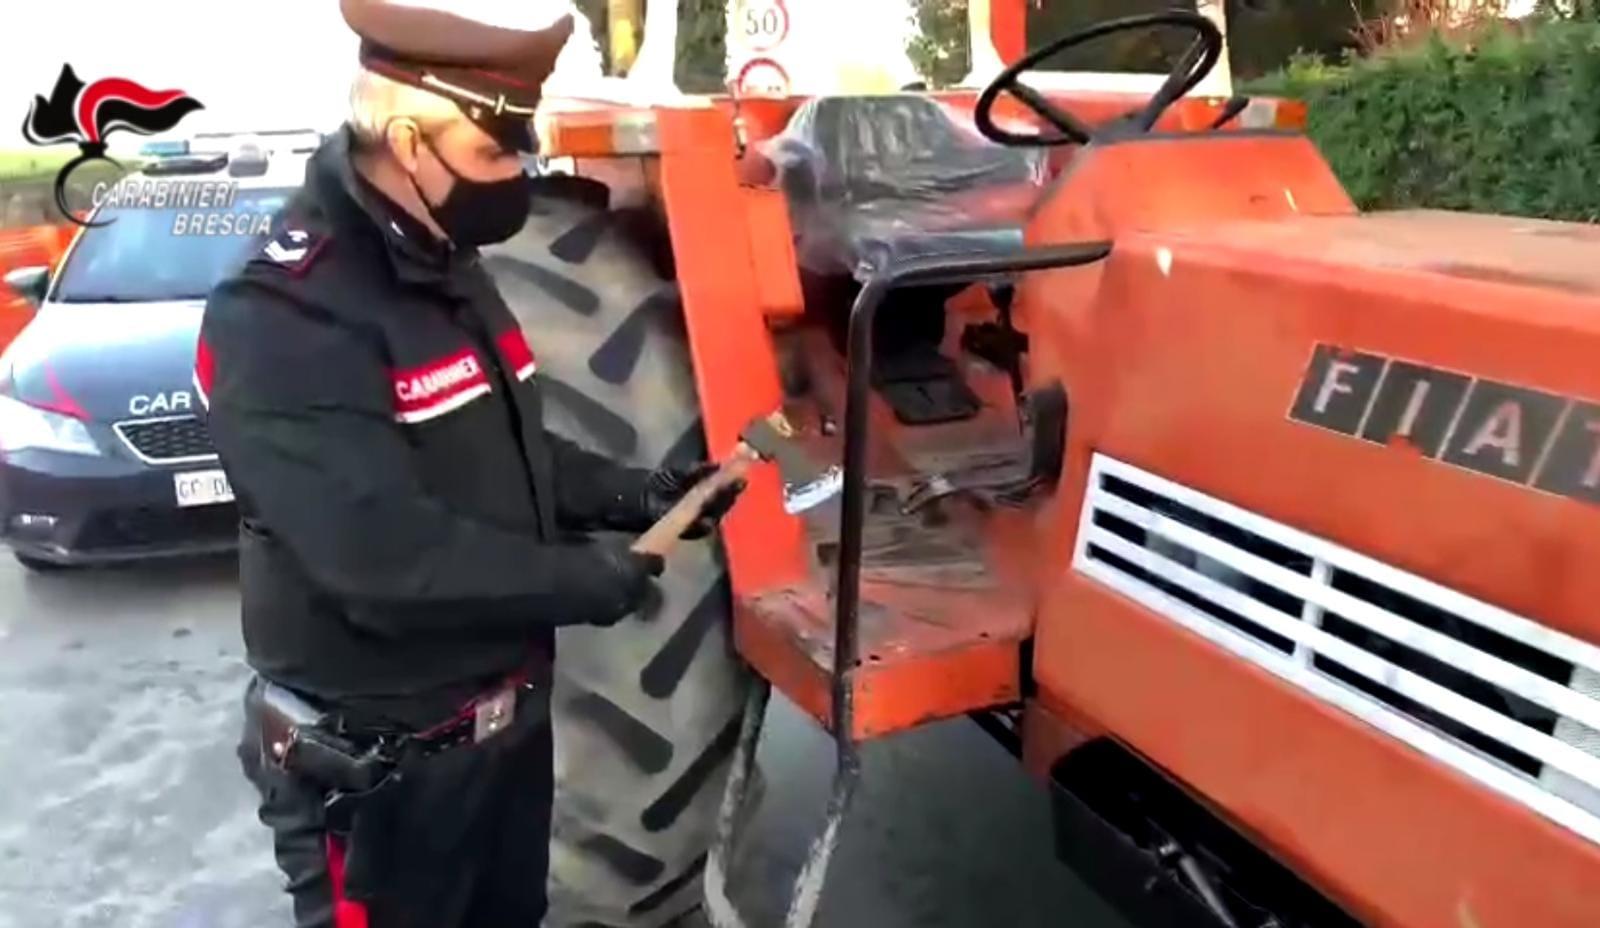 Affila l'ascia e parte col trattore per vendicarsi, voleva uccidere l'ex moglie